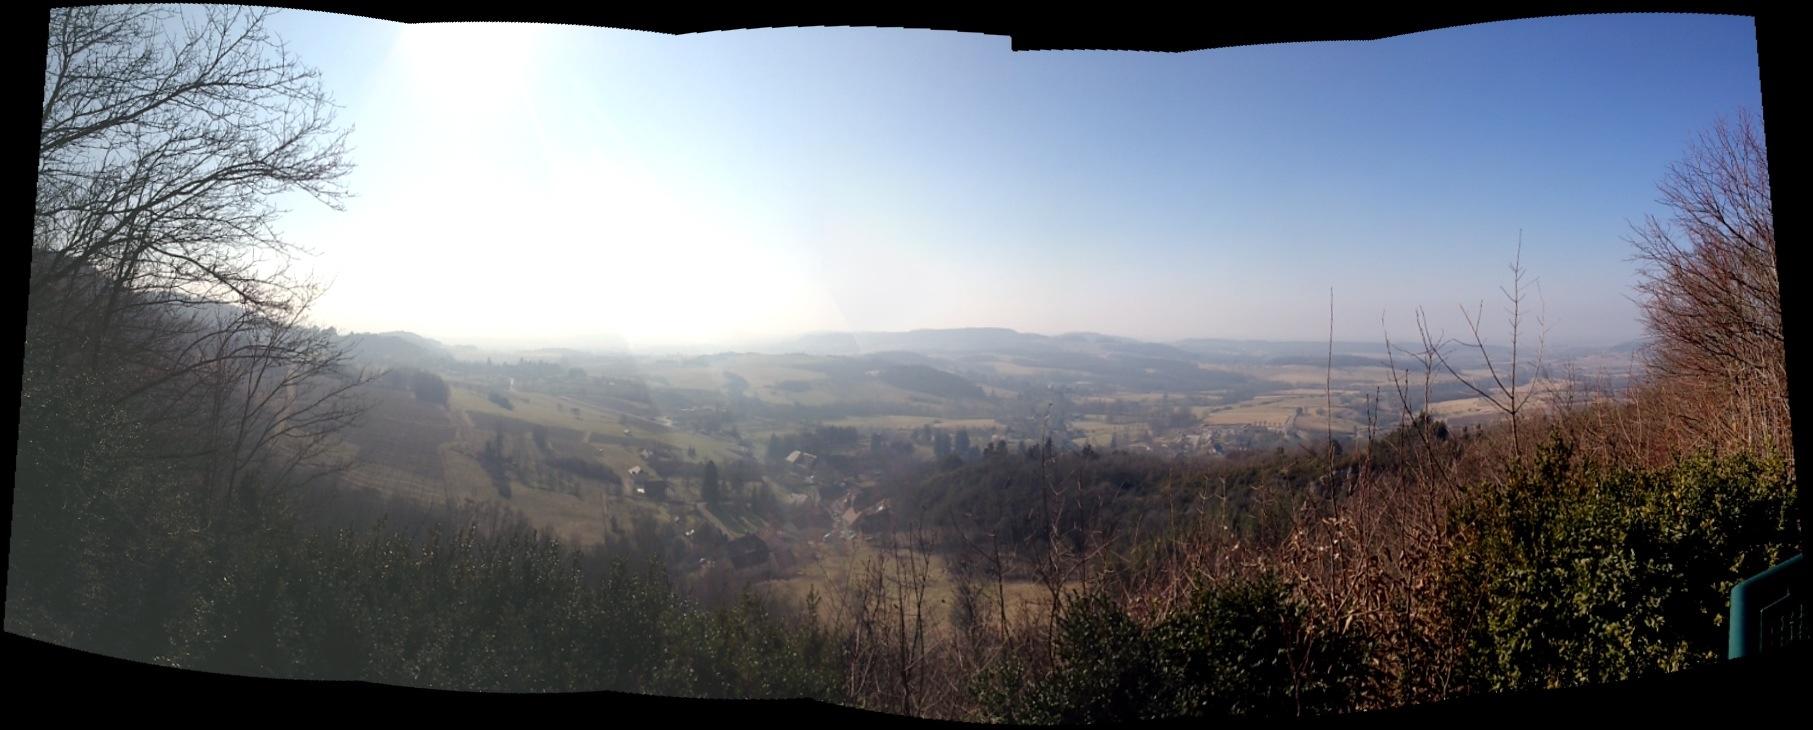 Dossier apps iphone tests de 9 applis de photo panoramiques clich s avantages inconv nients for Cadre photo panoramique